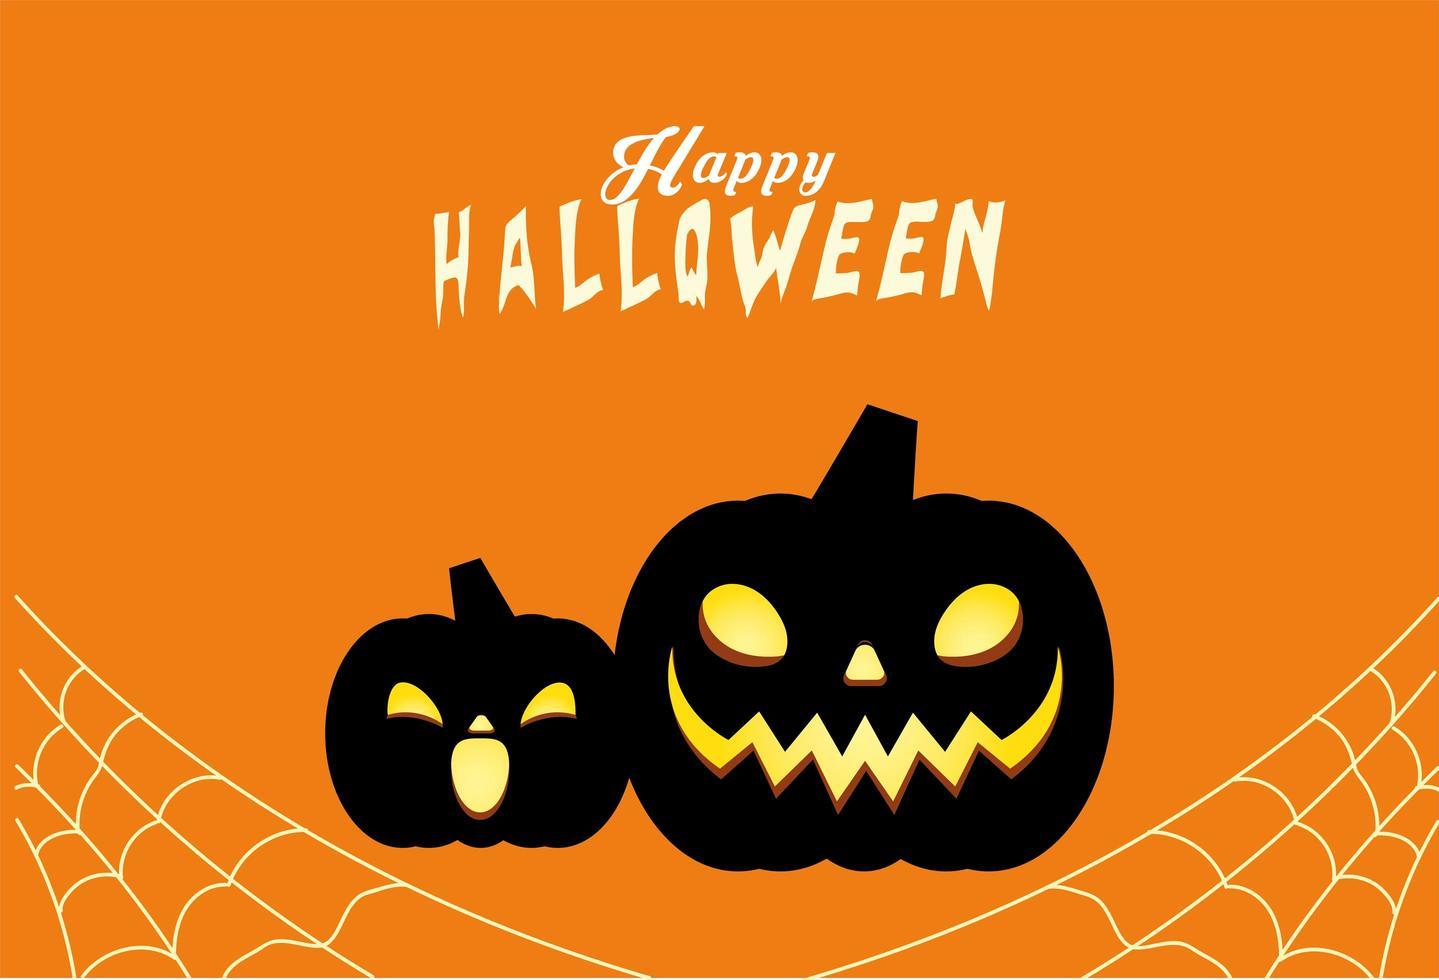 halloween zwarte pompoenen tekenfilms vector ontwerp